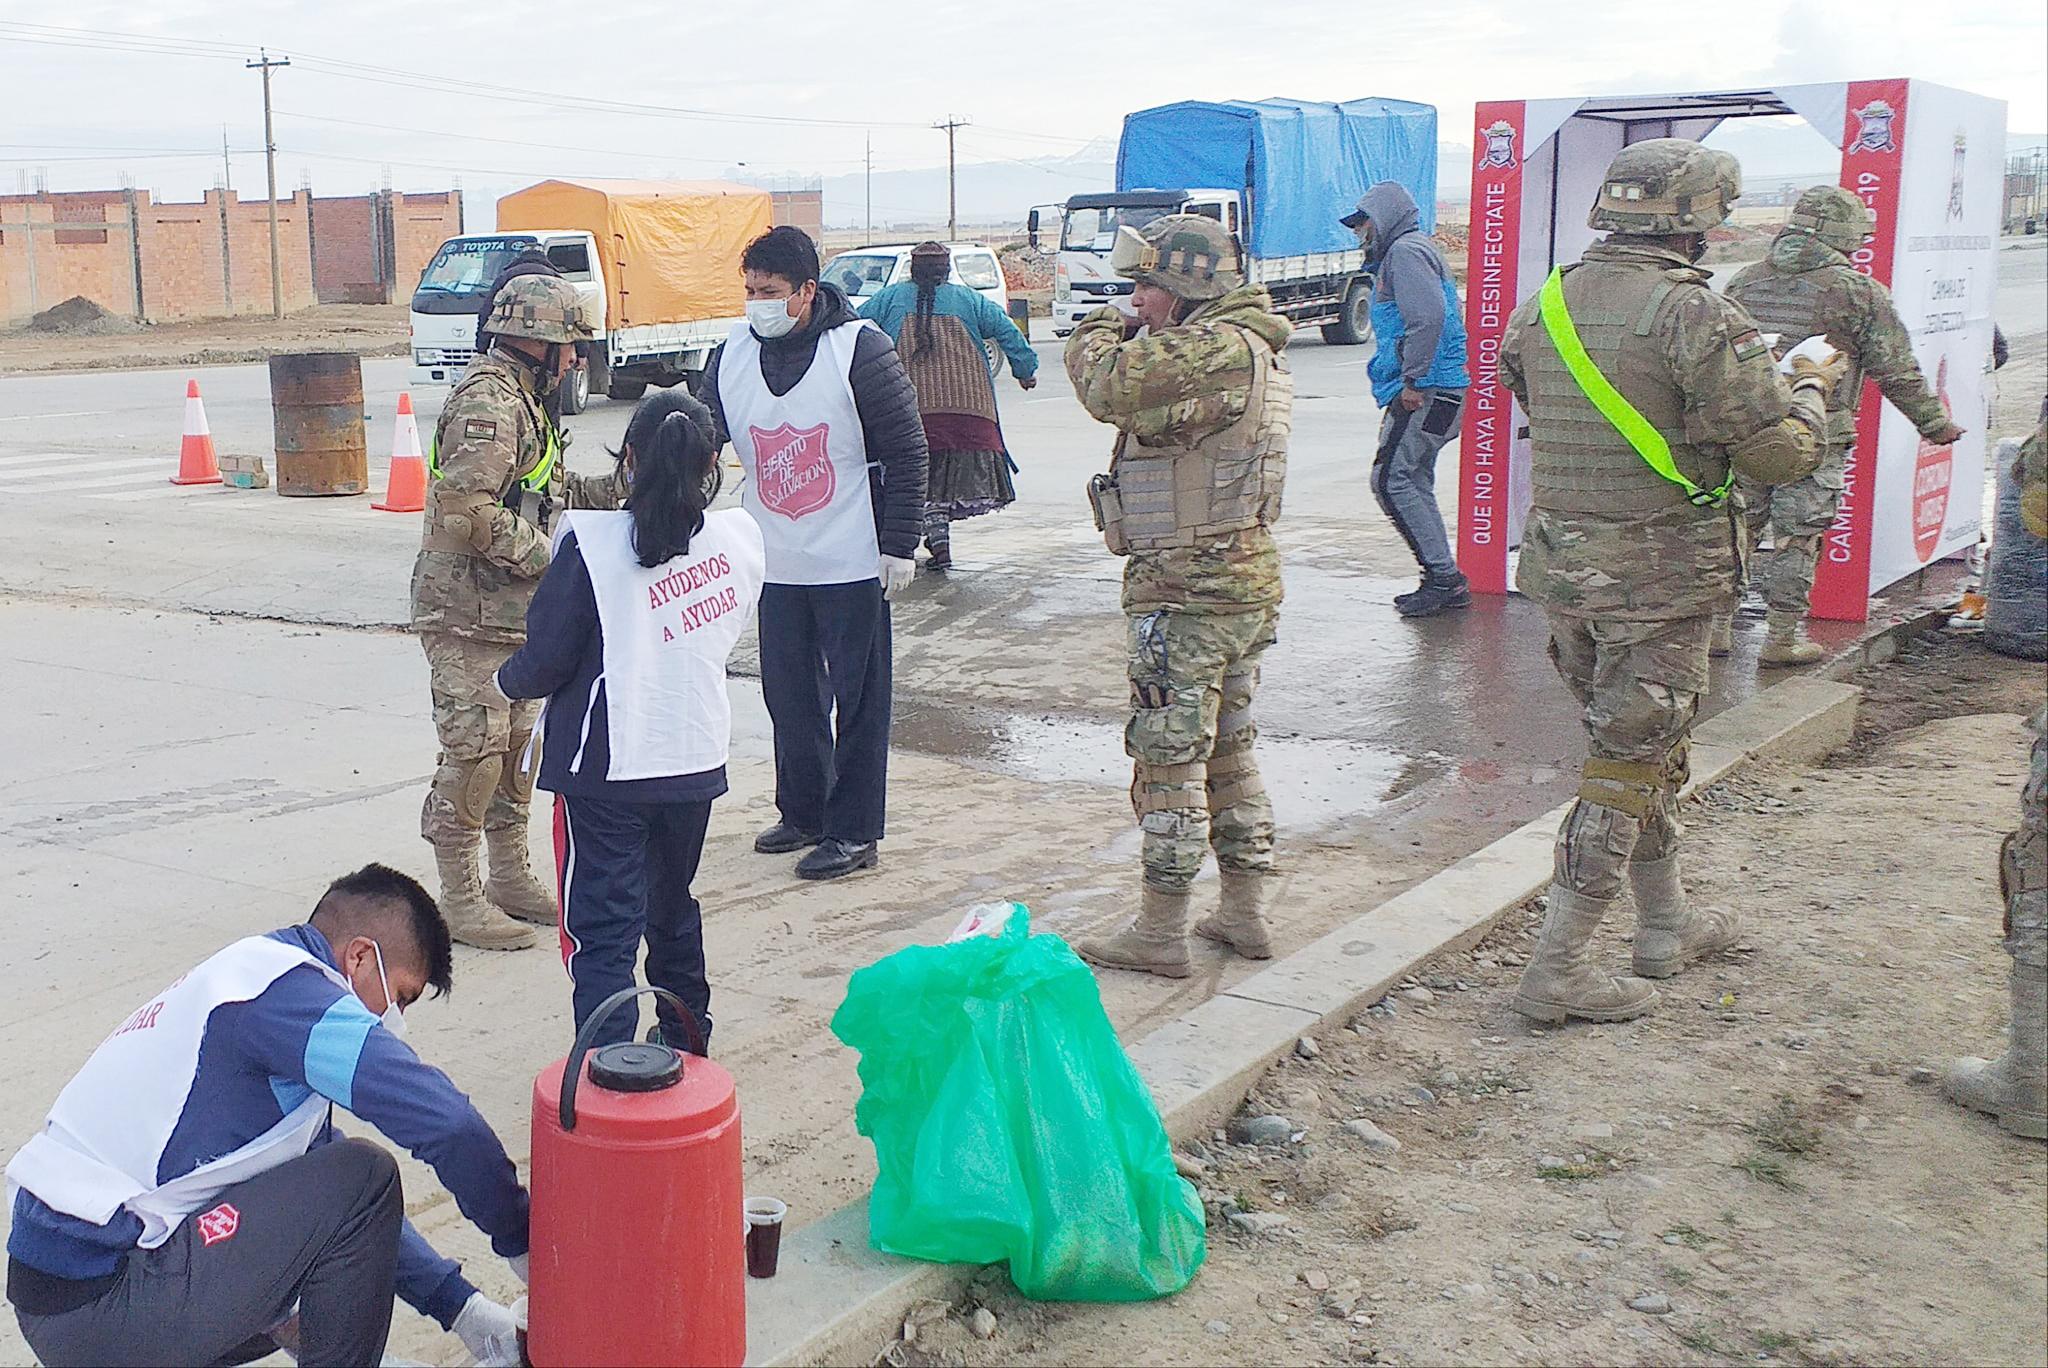 Cuerpo Vilachi serving with the military in La Paz, Bolivia